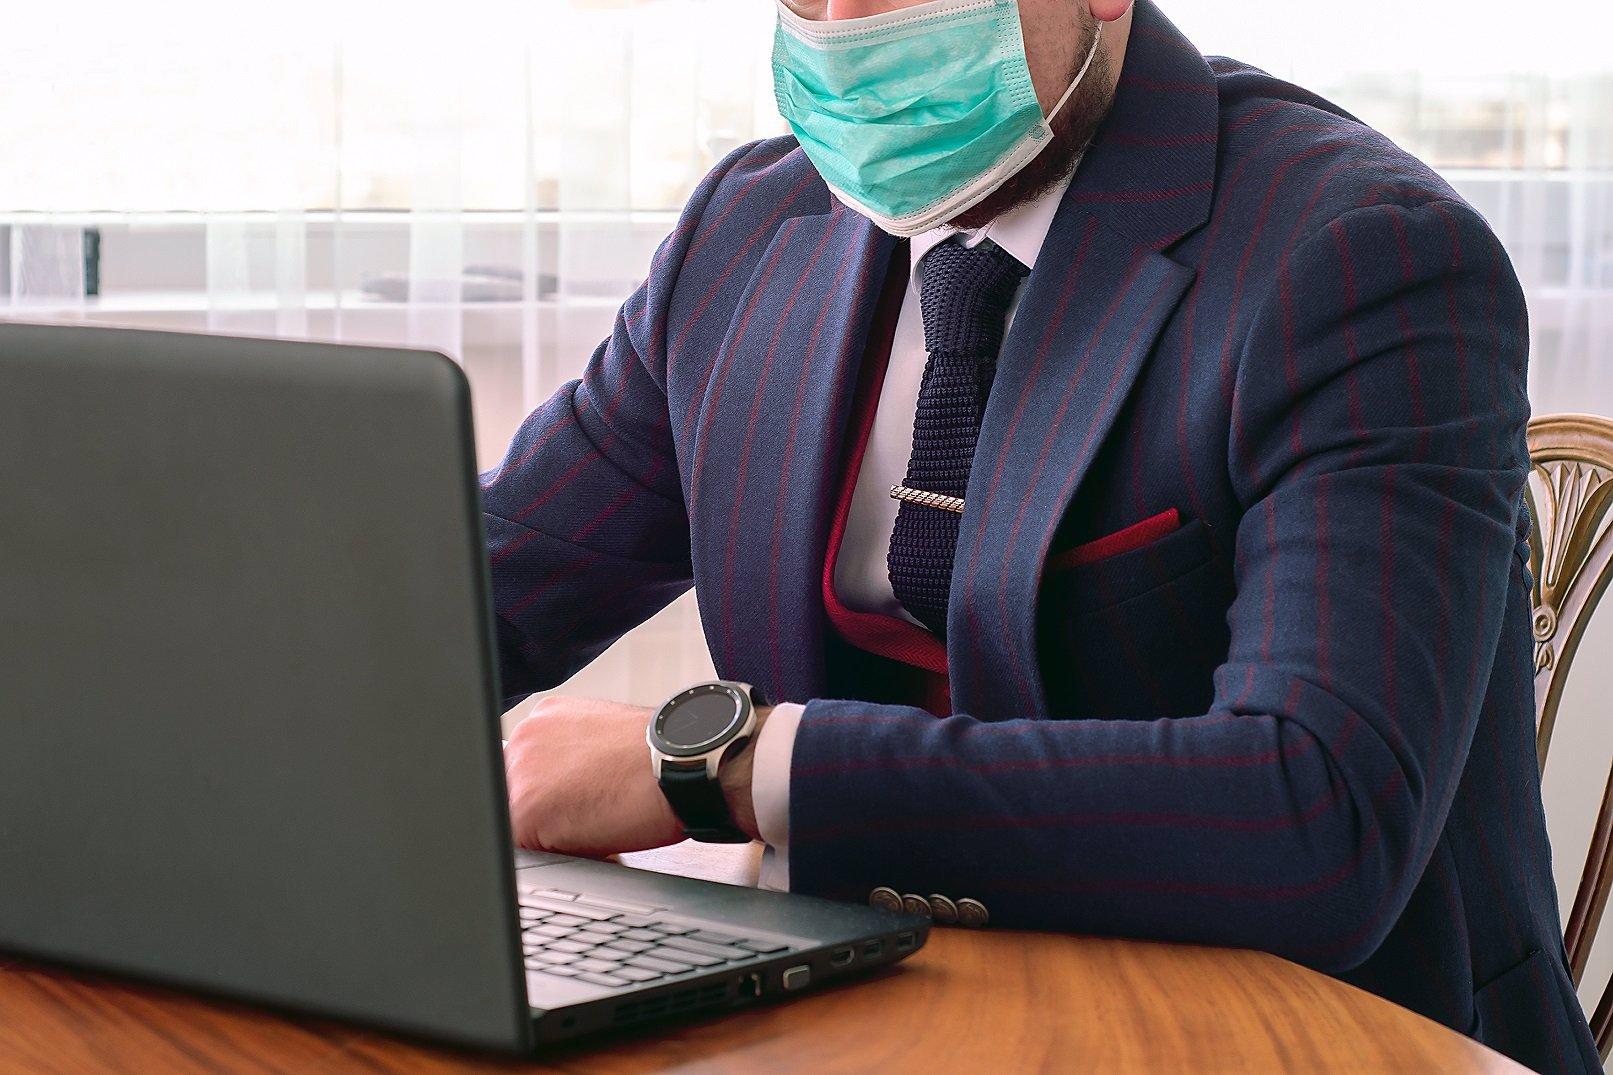 Mrtvého odvezli muži v bioobleku: Zda měl muž z Kladna koronavirus, odhalí pitva